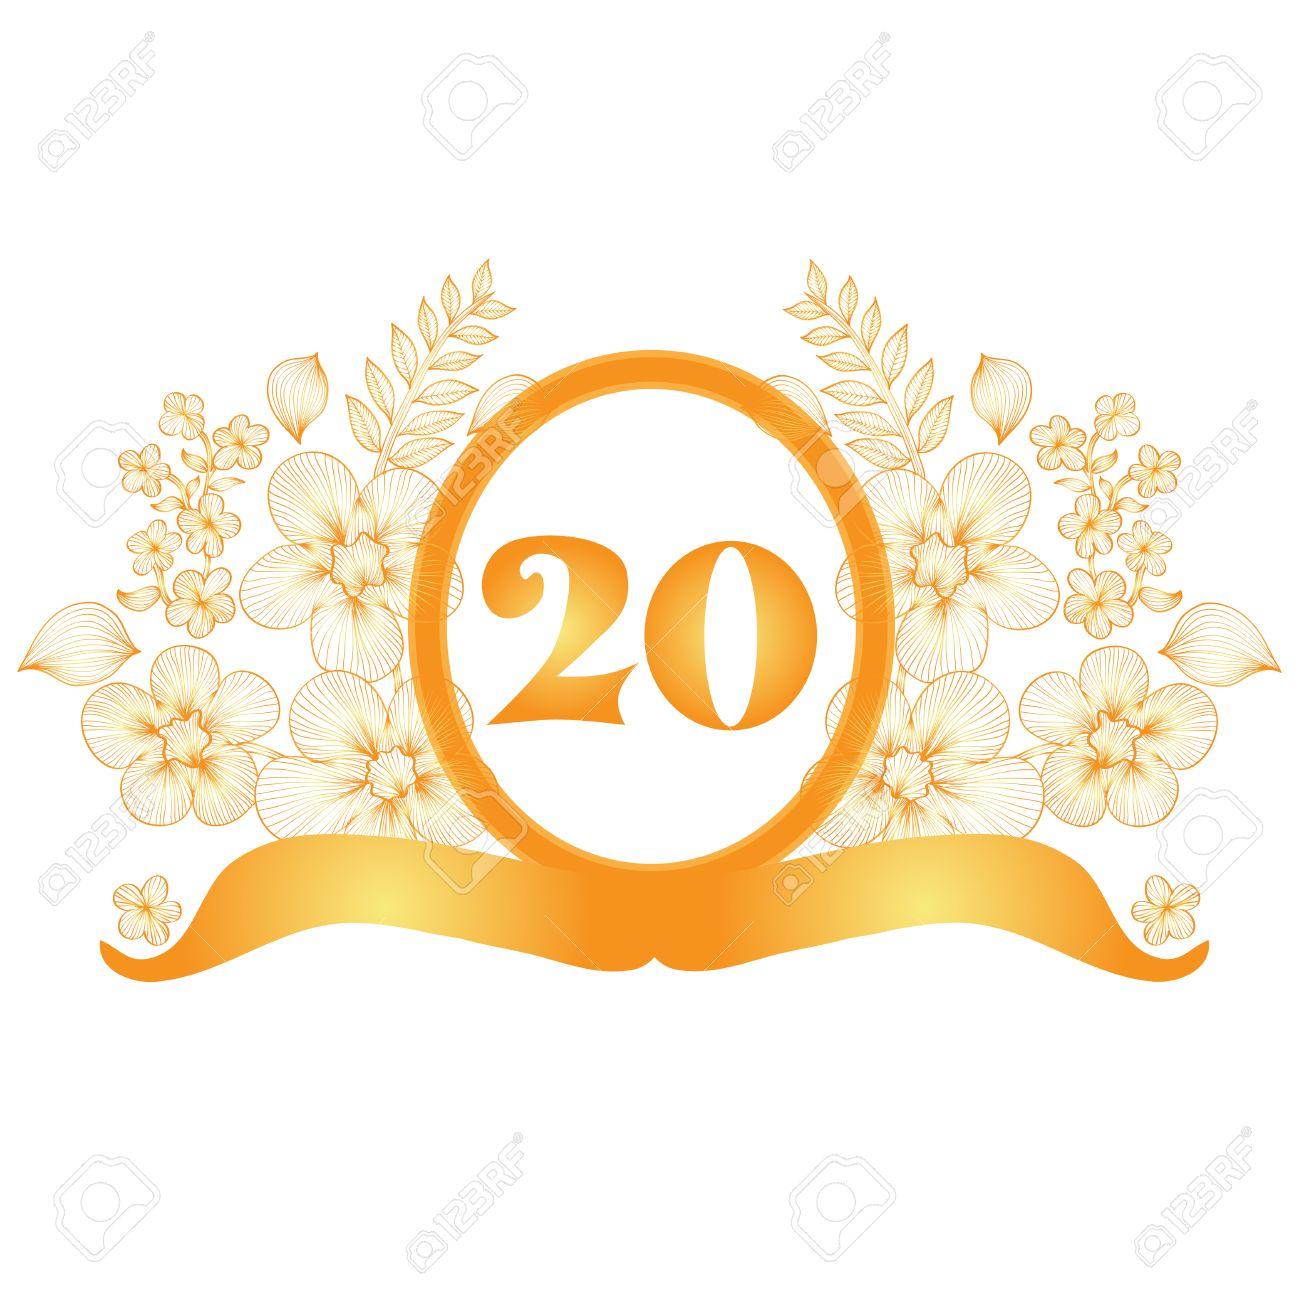 anniversary banner design